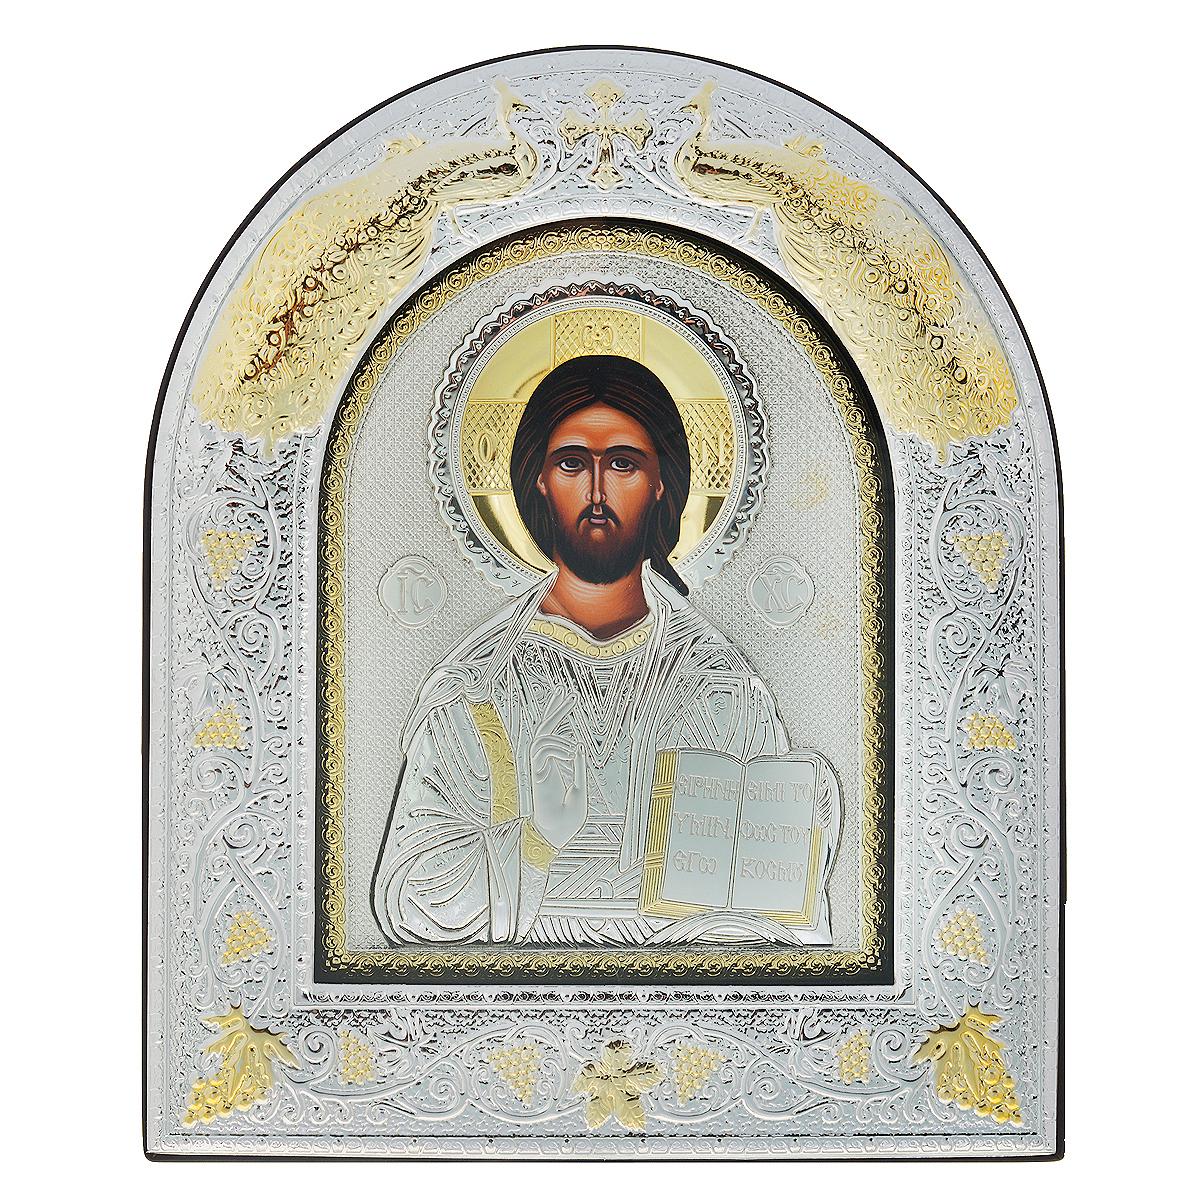 Икона Господь Вседержитель, 30 см х 25,2 см